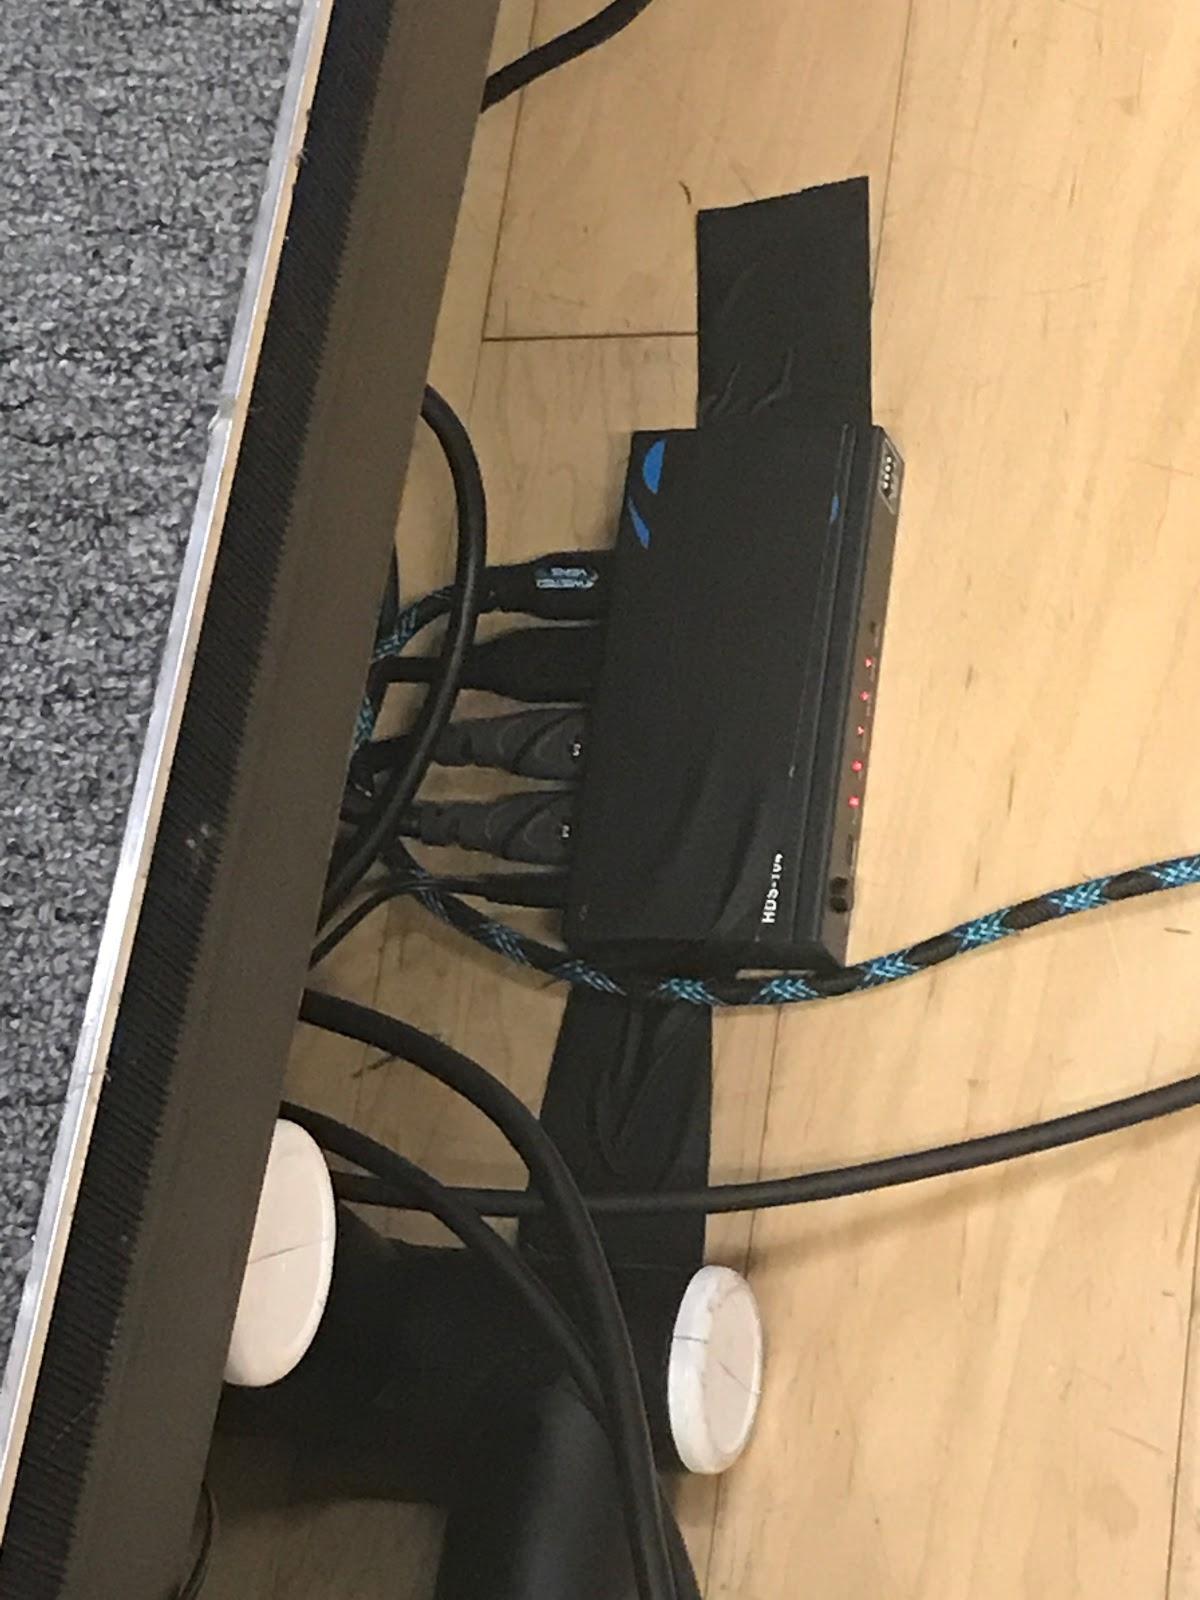 HDMI Splitter 2.jpg